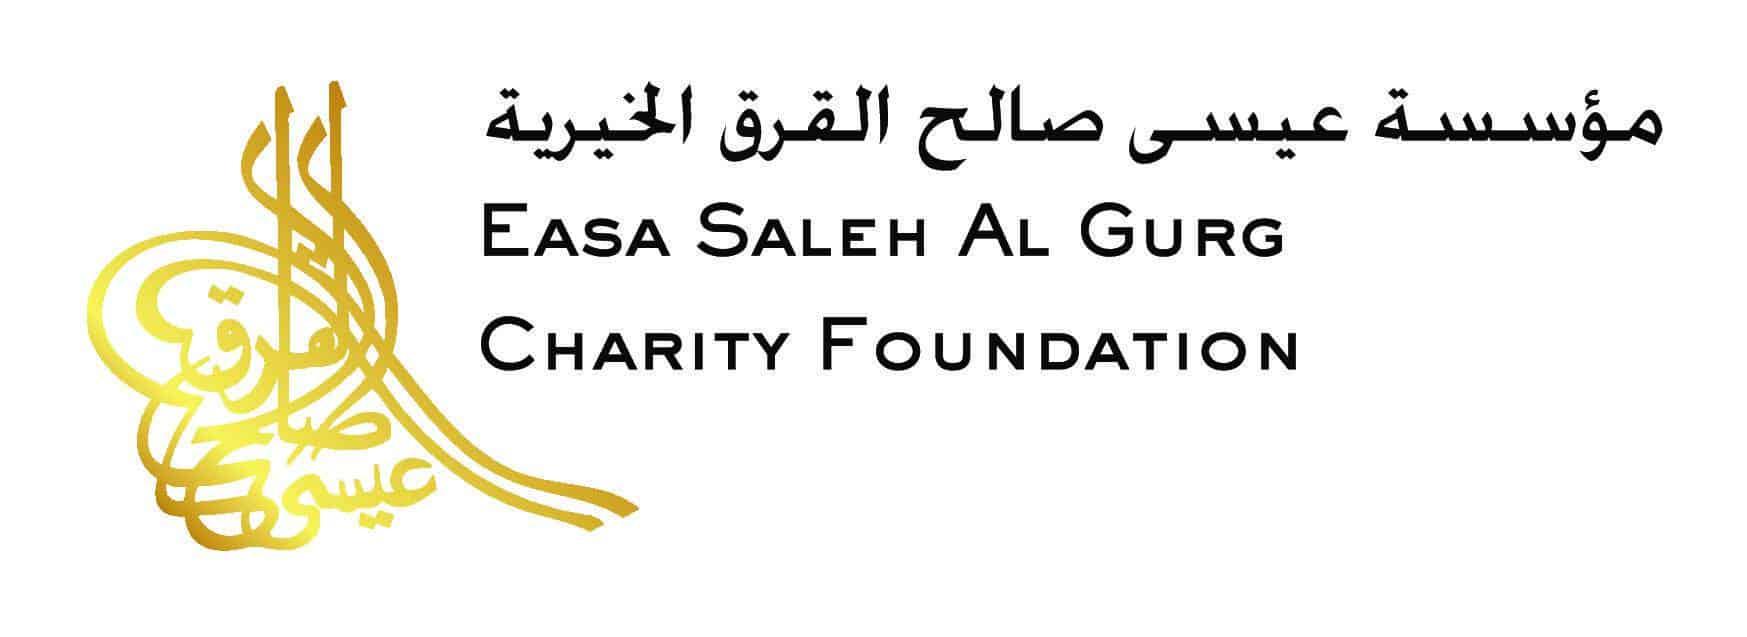 Charity%20Foundation%20Logo%20Image